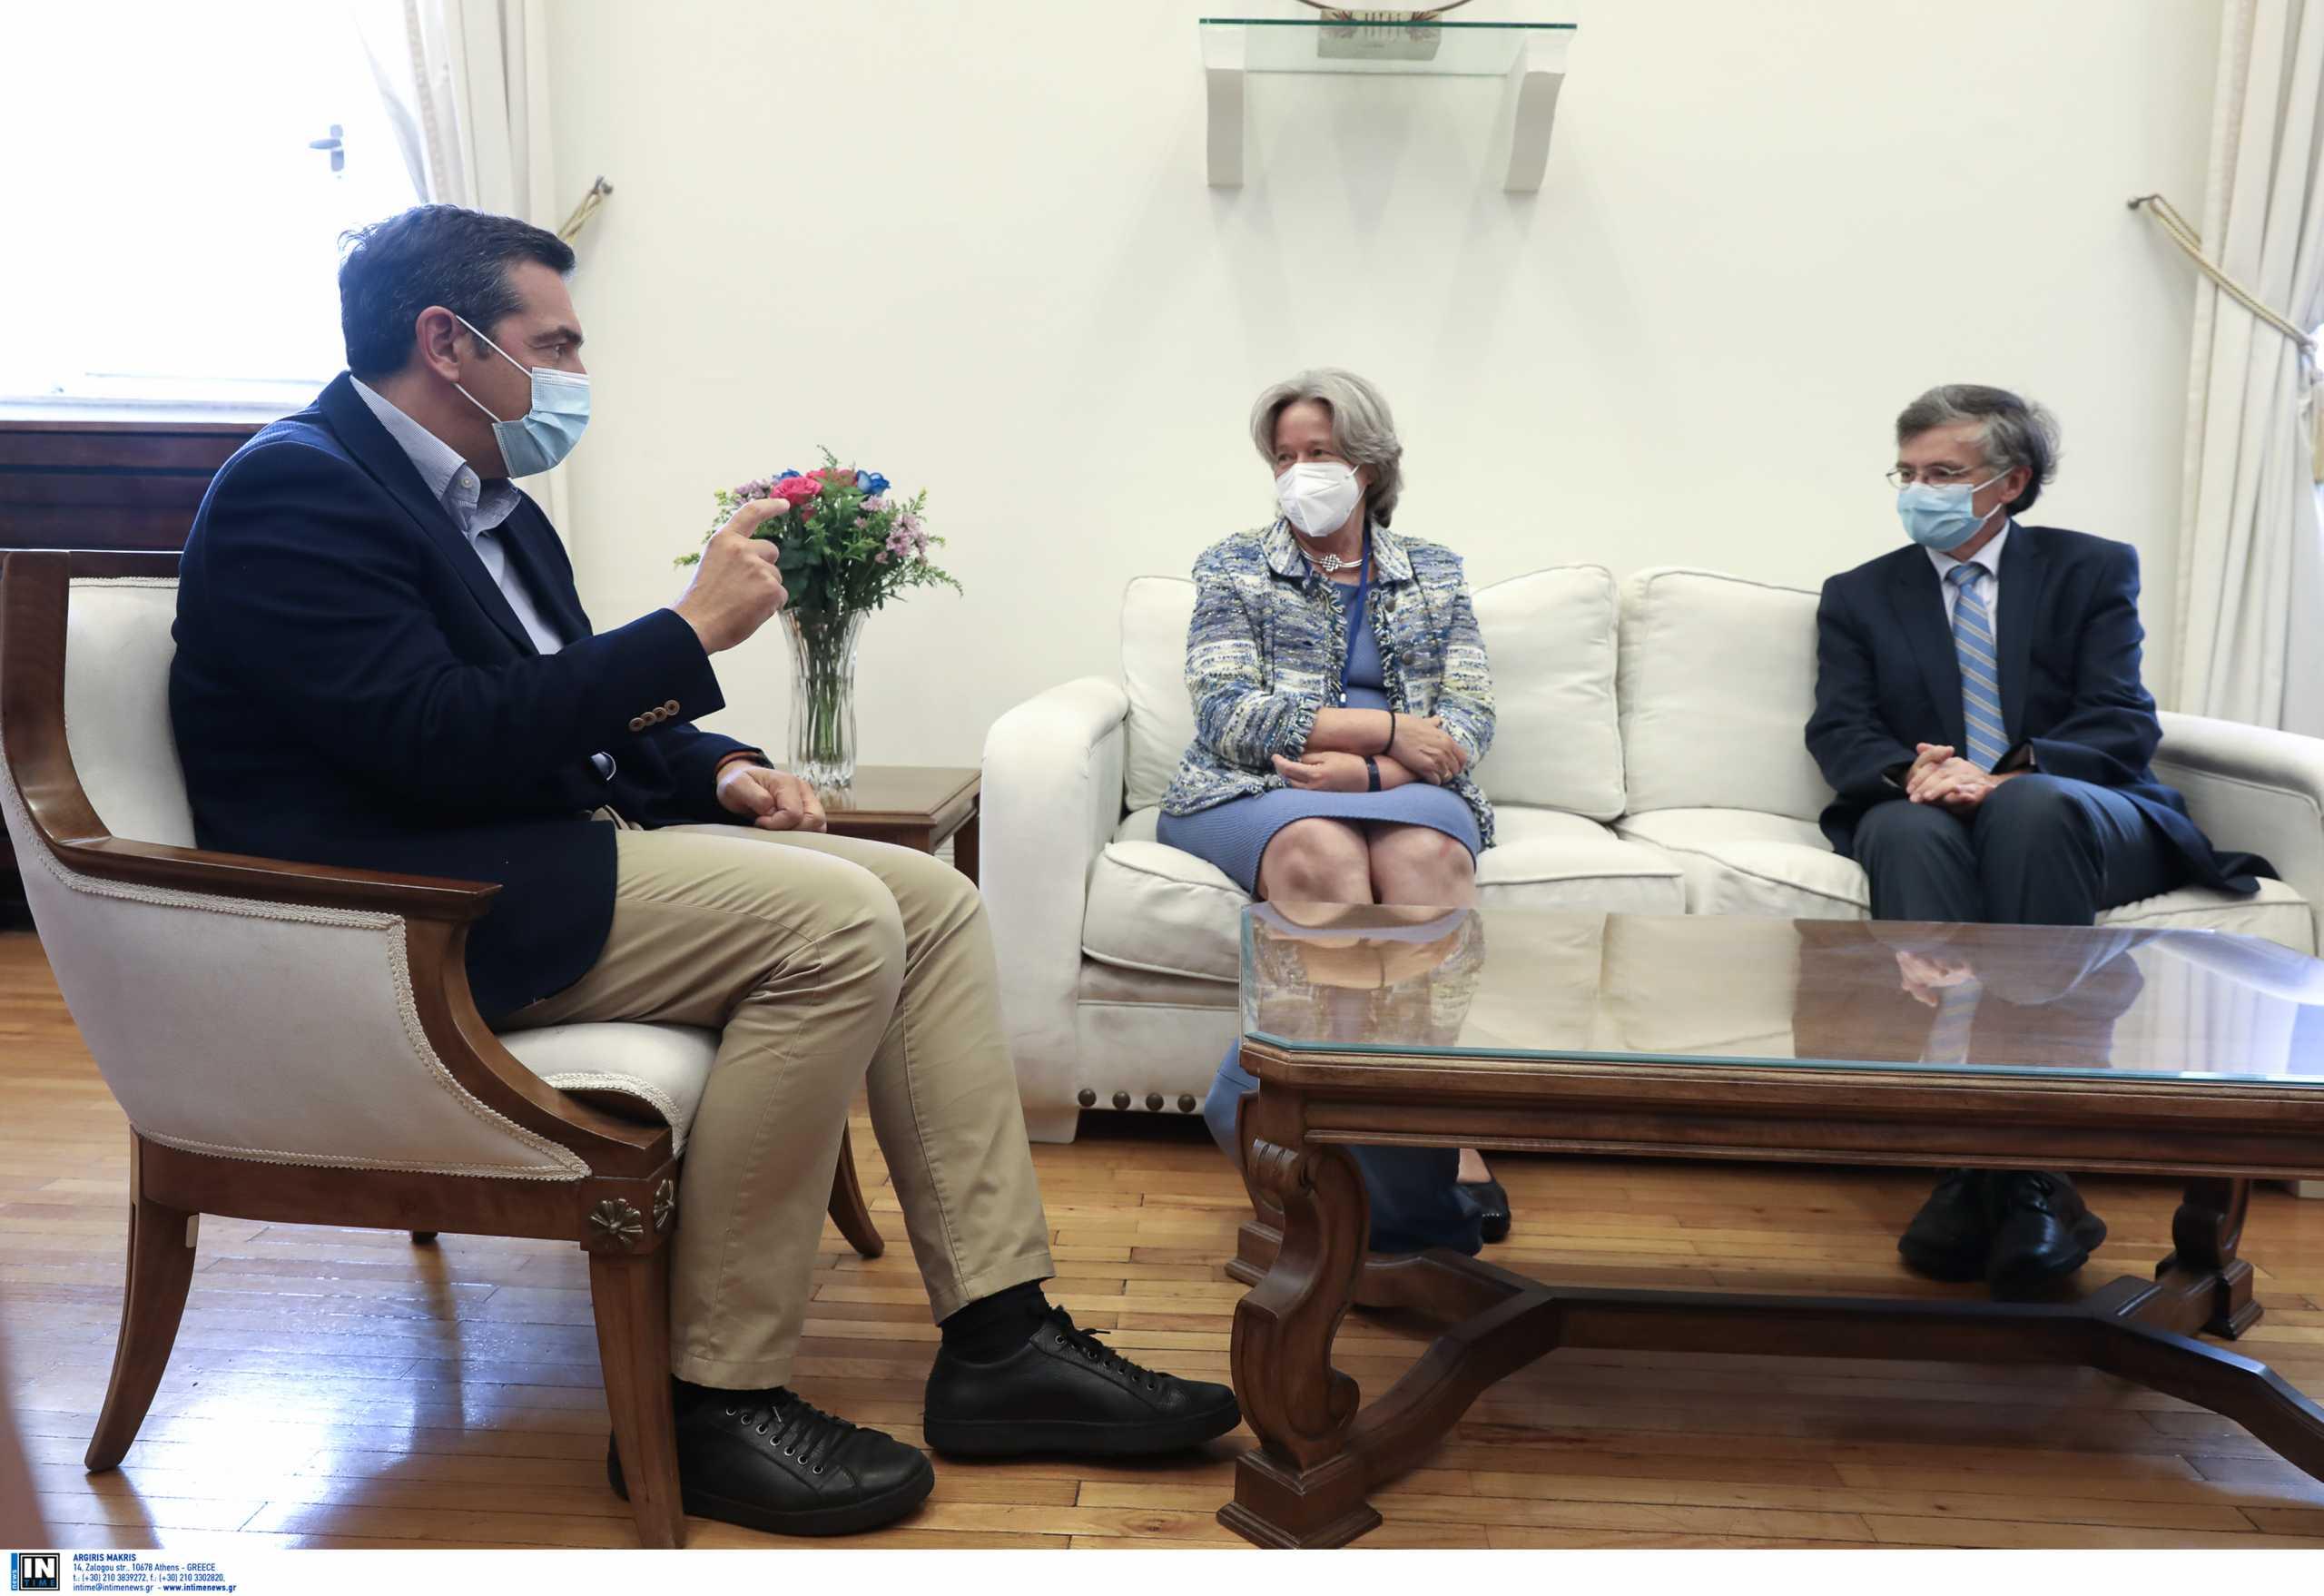 Αλέξης Τσίπρας: «Έκκληση στους πολίτες να αγνοήσουν τον διχαστικό λόγο του κ. Μητσοτάκη και να εμβολιαστούν»